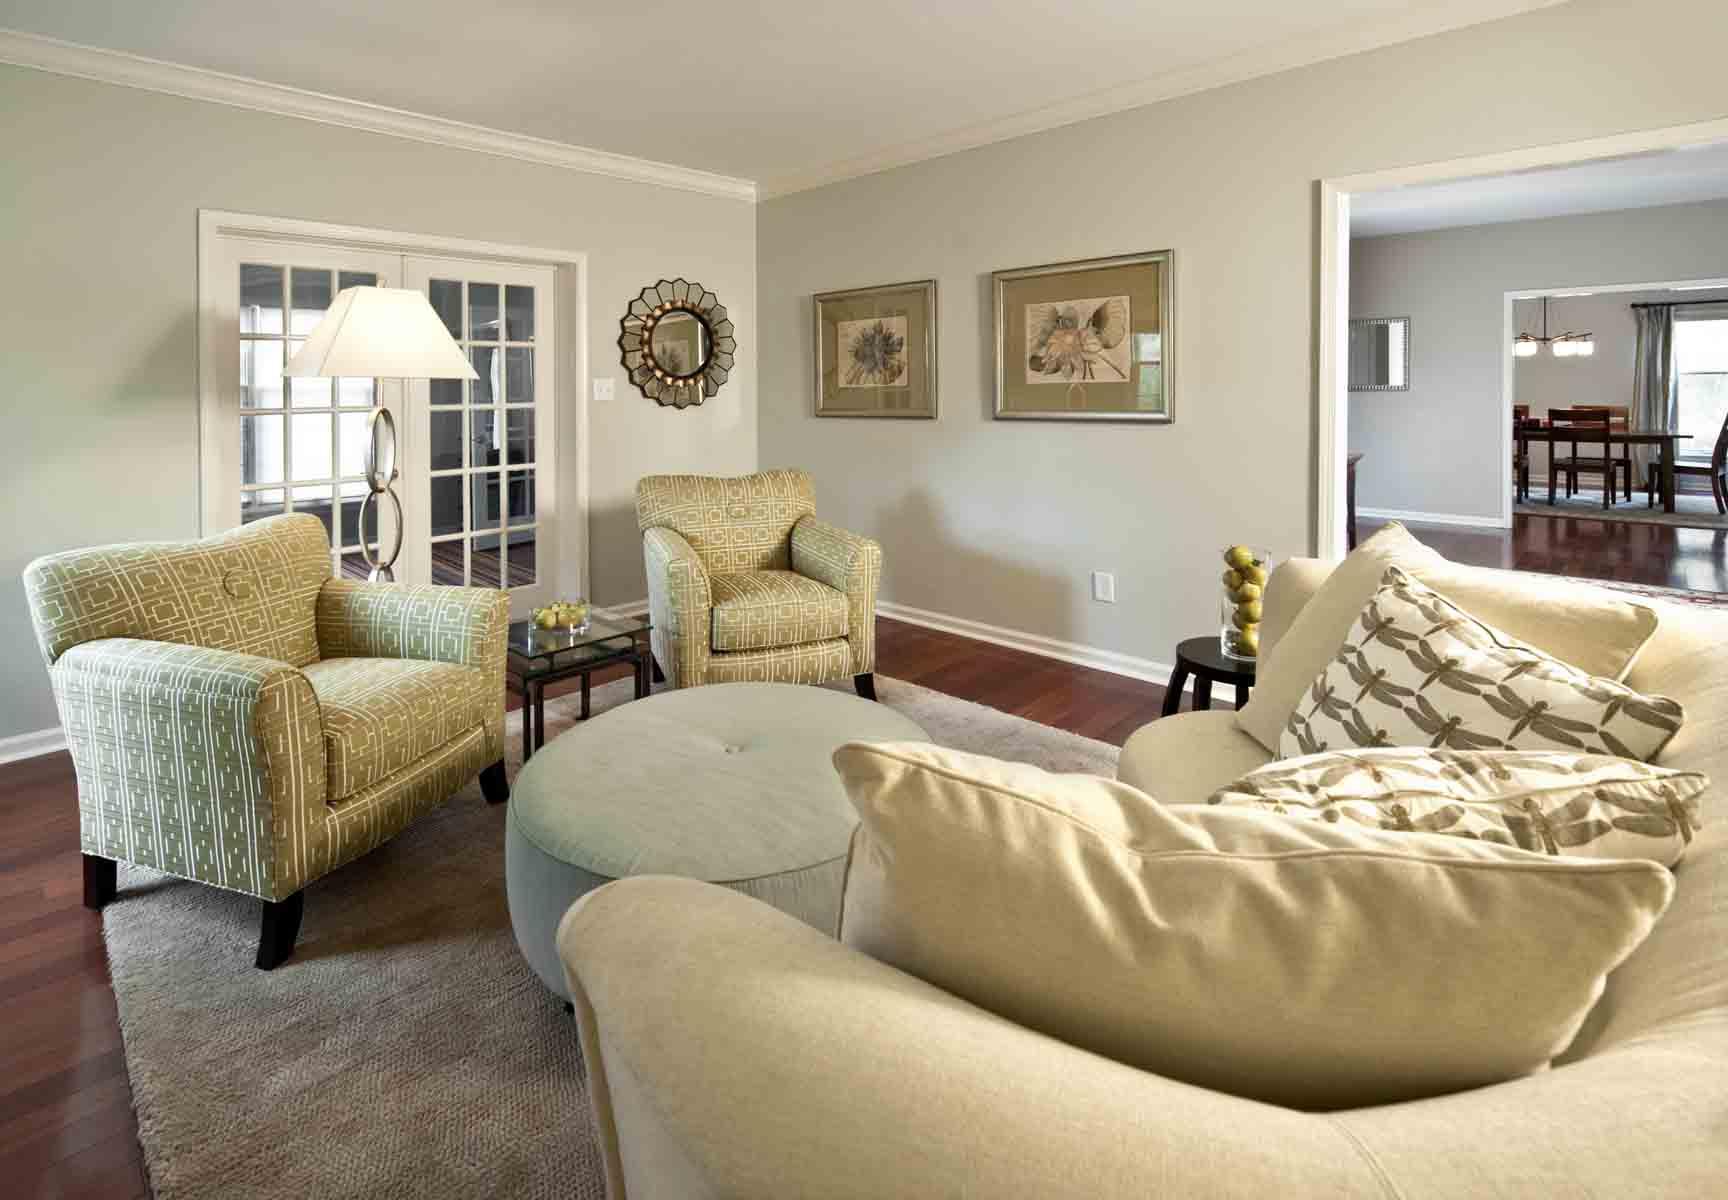 Krug_BMawr_Contemporary Living Room.jpg